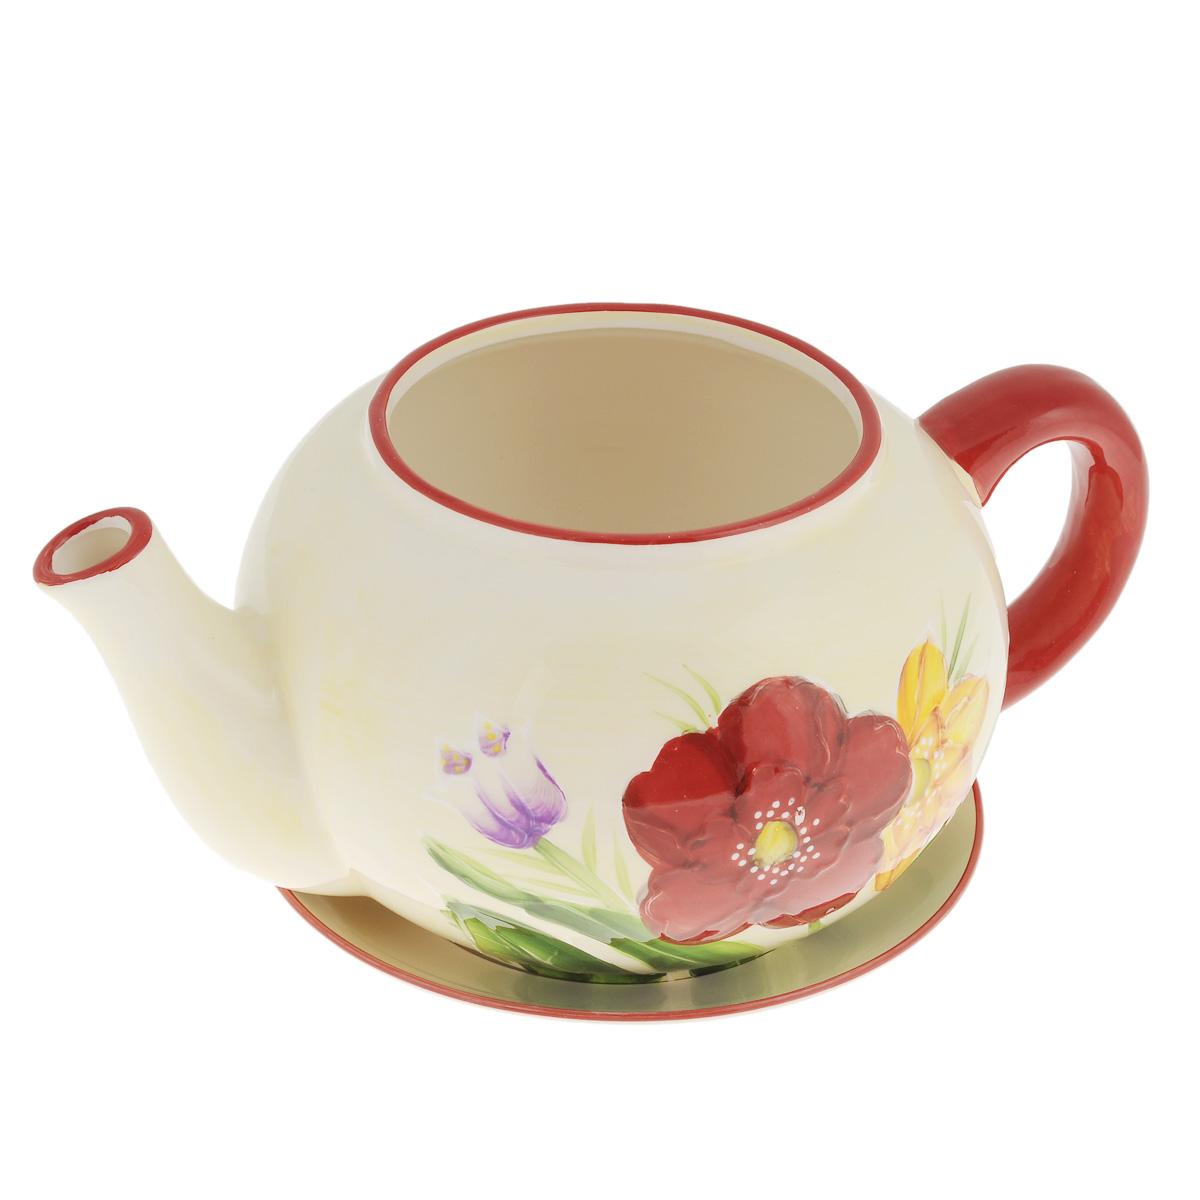 Кашпо Lillo Заварочный чайник, с поддоном. XY10S015-1EXY10S015-1EКашпо-горшок для цветов Lillo Заварочный чайник выполнен из прочной керамики и декорирован красочным рисунком. Изделие предназначено для цветов. Такие изделия часто становятся последним штрихом, который совершенно изменяет интерьер помещения или ландшафтный дизайн сада. Благодаря такому кашпо вы сможете украсить вашу комнату, офис, сад и другие места. Изделие оснащено специальным поддоном - блюдцем. Диаметр кашпо по верхнему краю: 12 см. Высота кашпо (без учета поддона): 14 см. Диаметр поддона: 20,5 см.